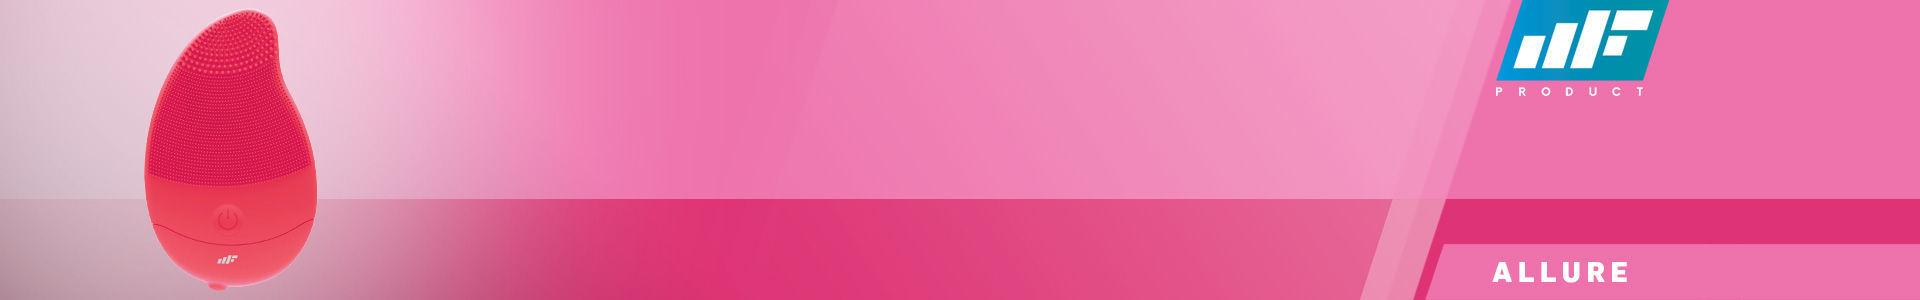 MF Product Allure 0520 Yüz Temizleme ve Masaj Cihazı Kırmızı, en iyi fiyata stokta!